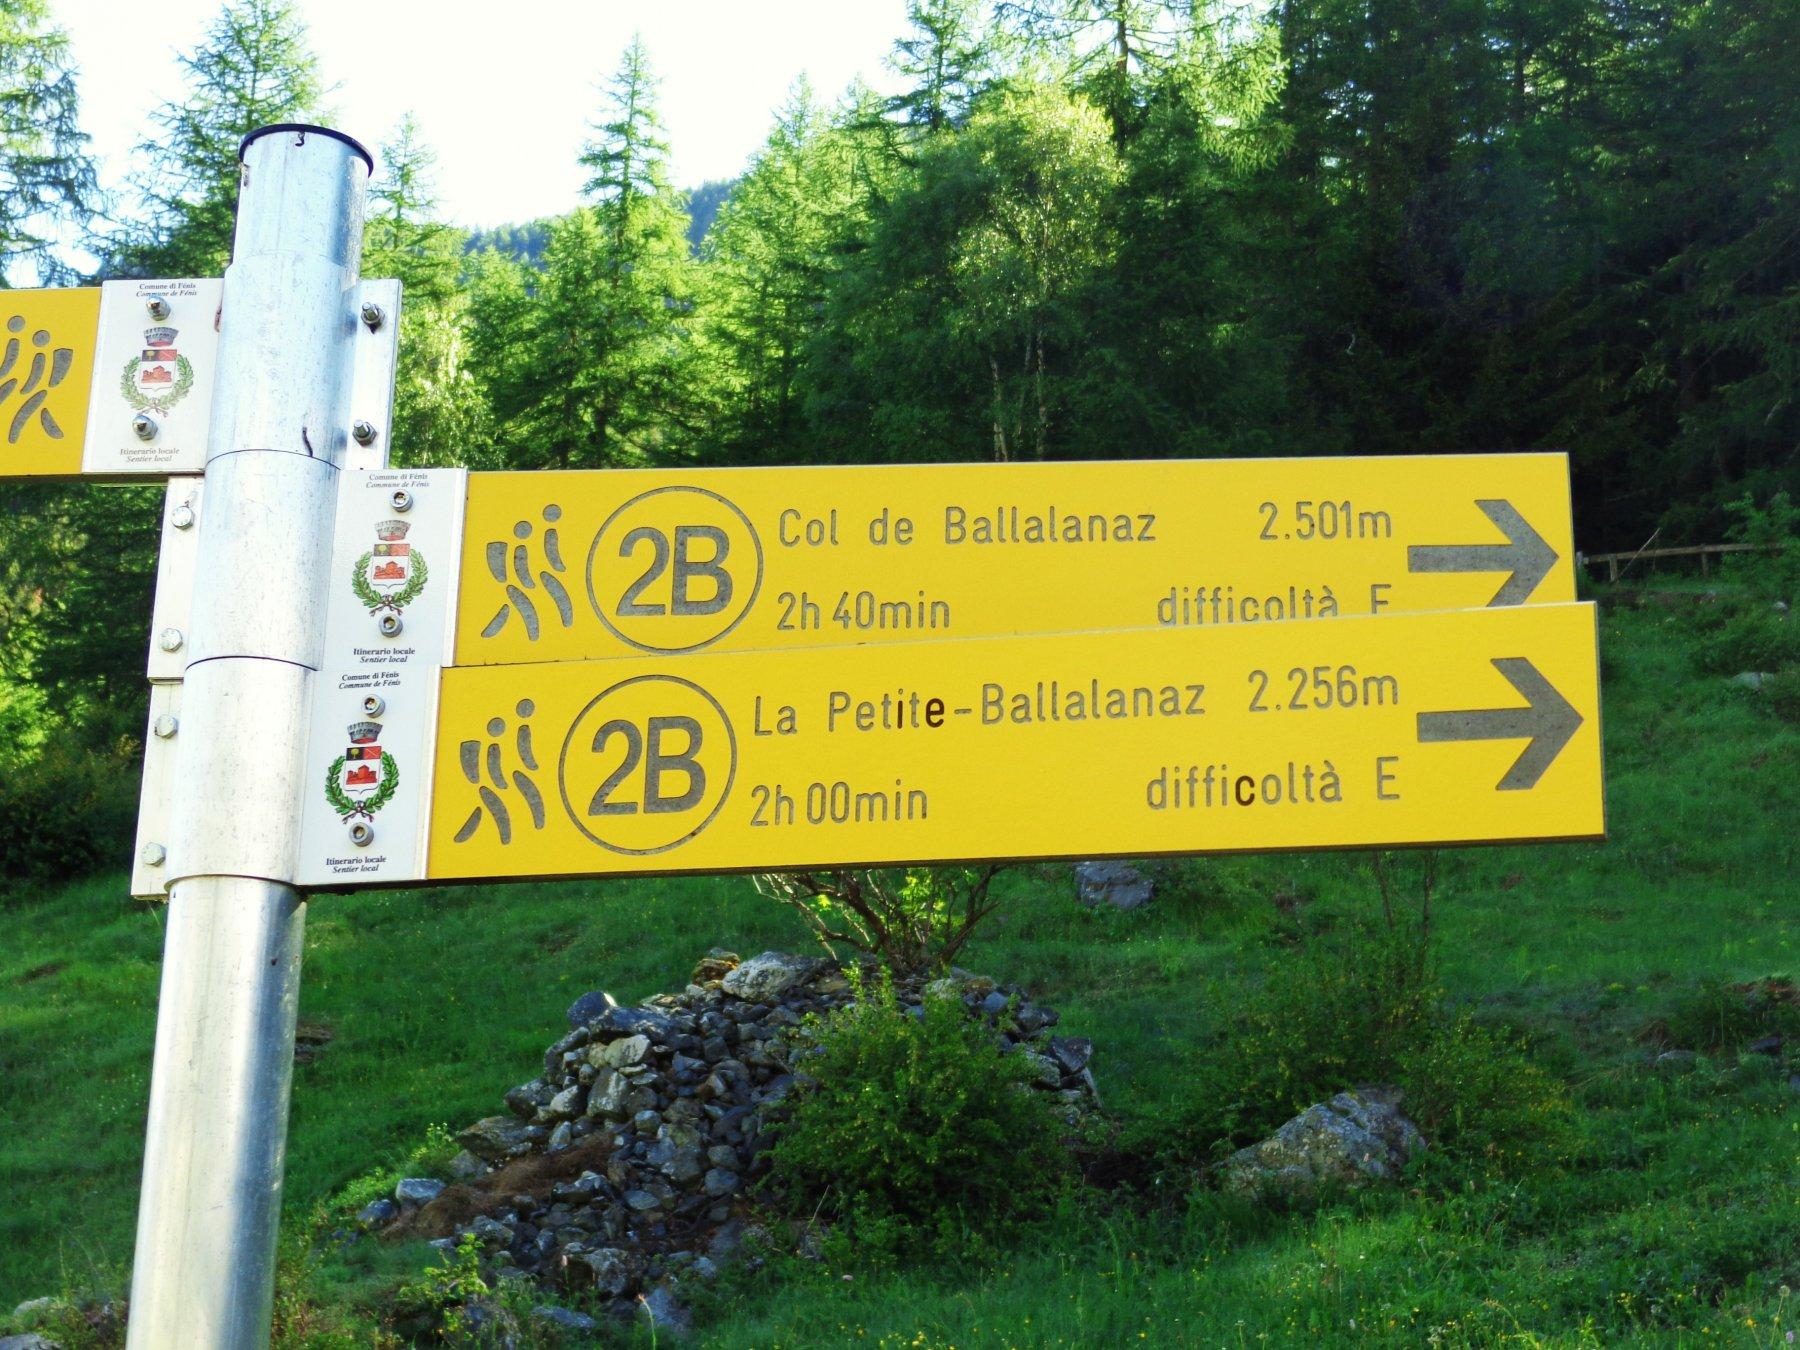 Altre indicazioni prima di entrare nel bosco